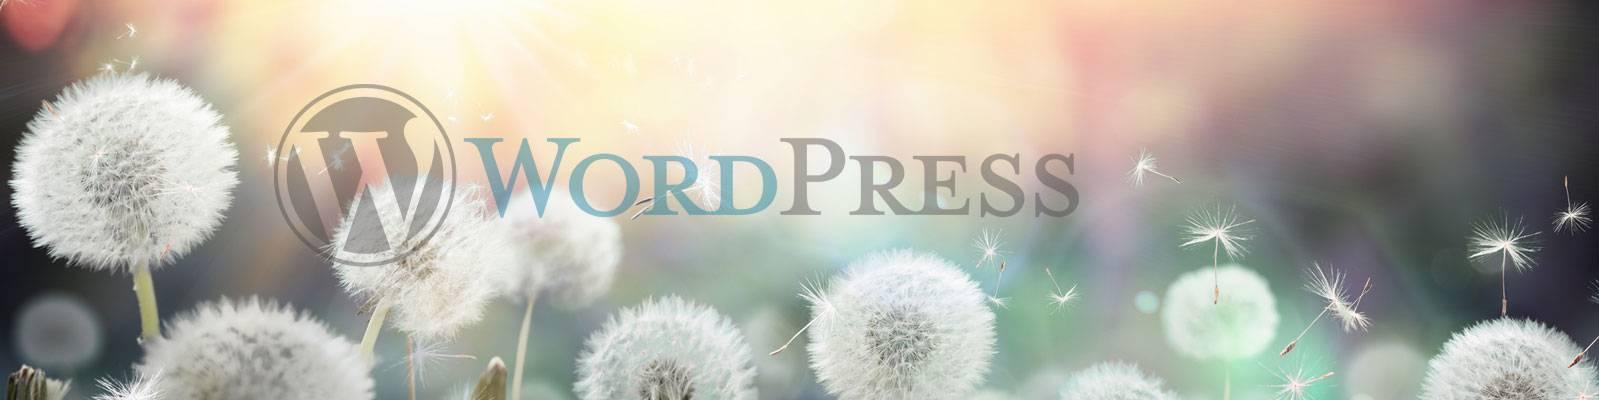 siti web wordpress lecco como milano monza